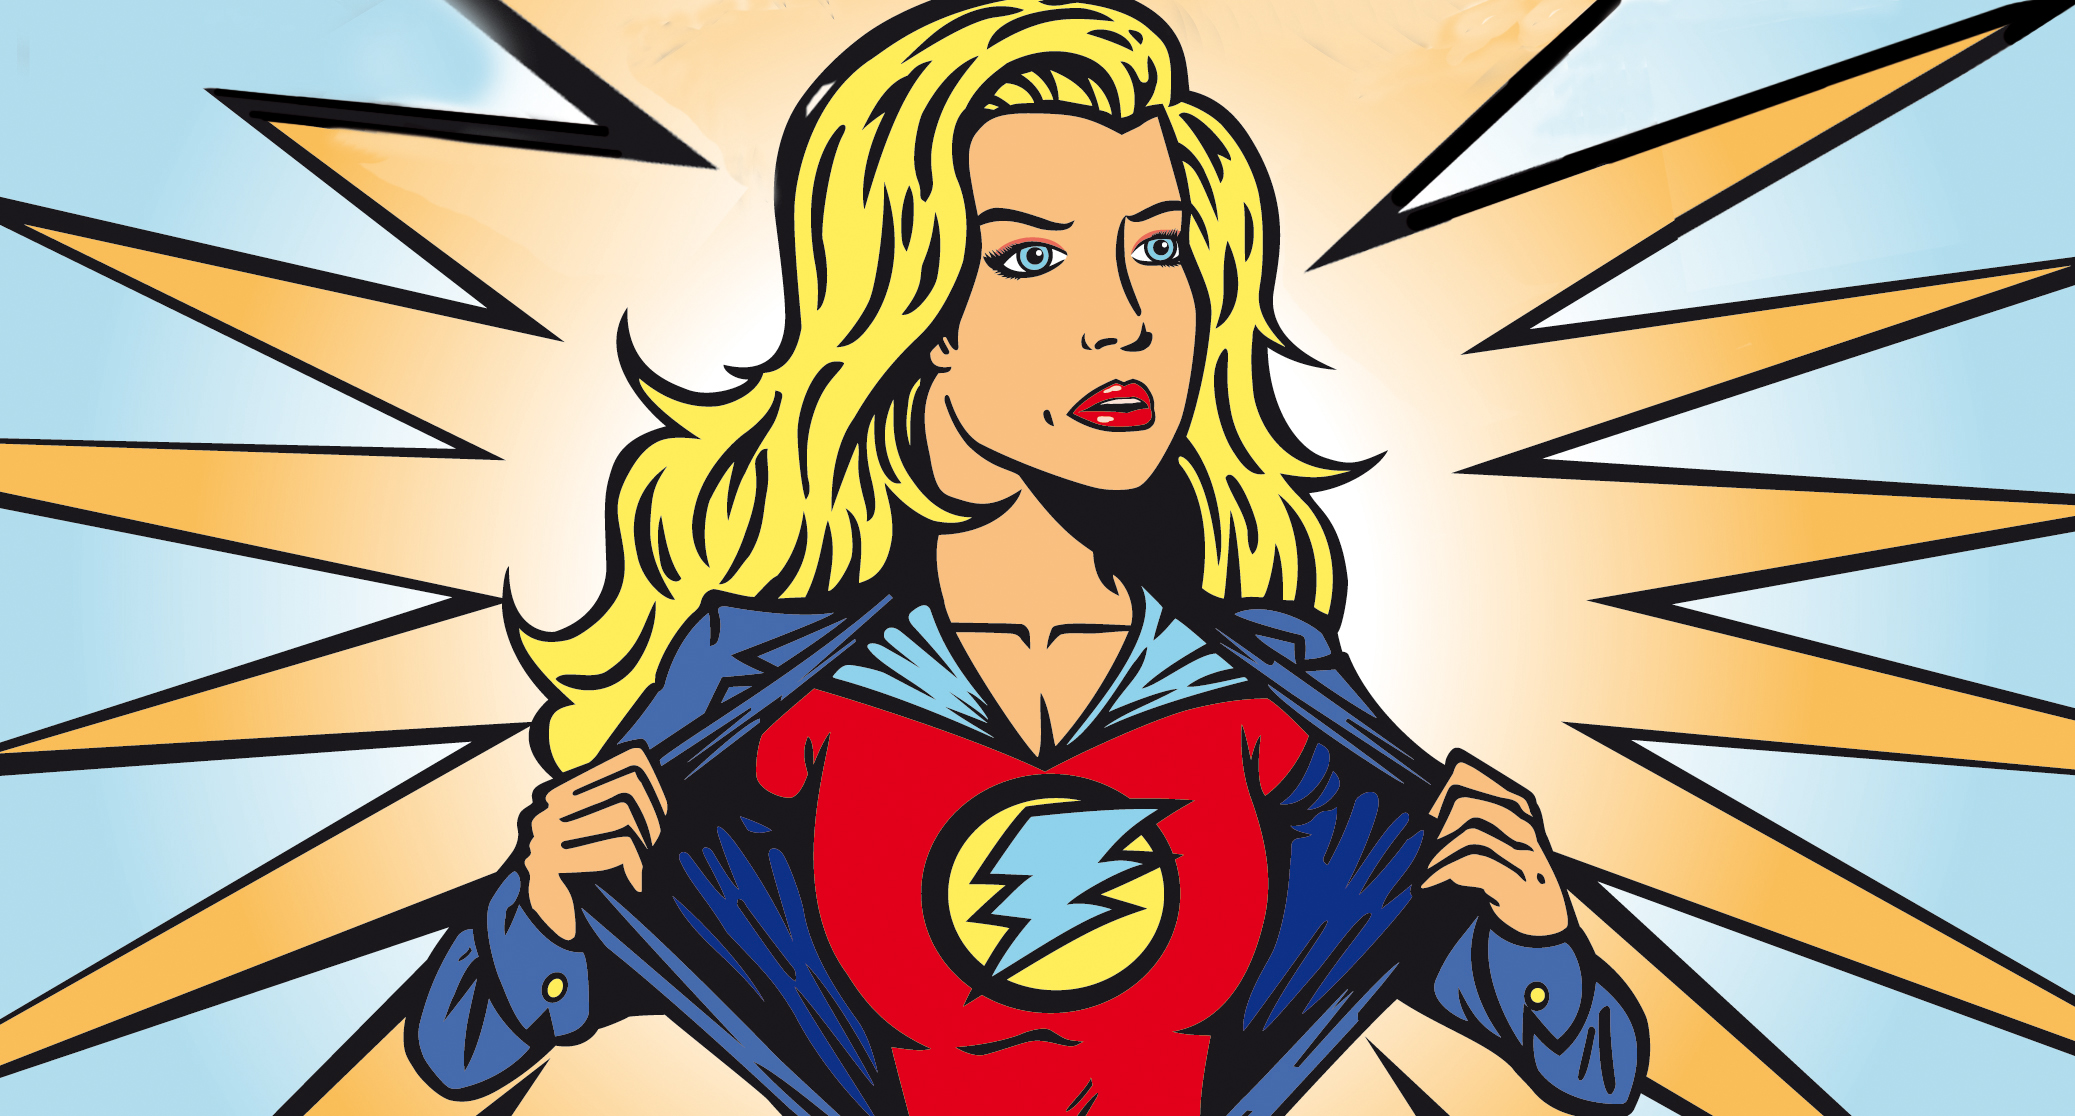 Superfrauen werden noch lange nicht super gefördert